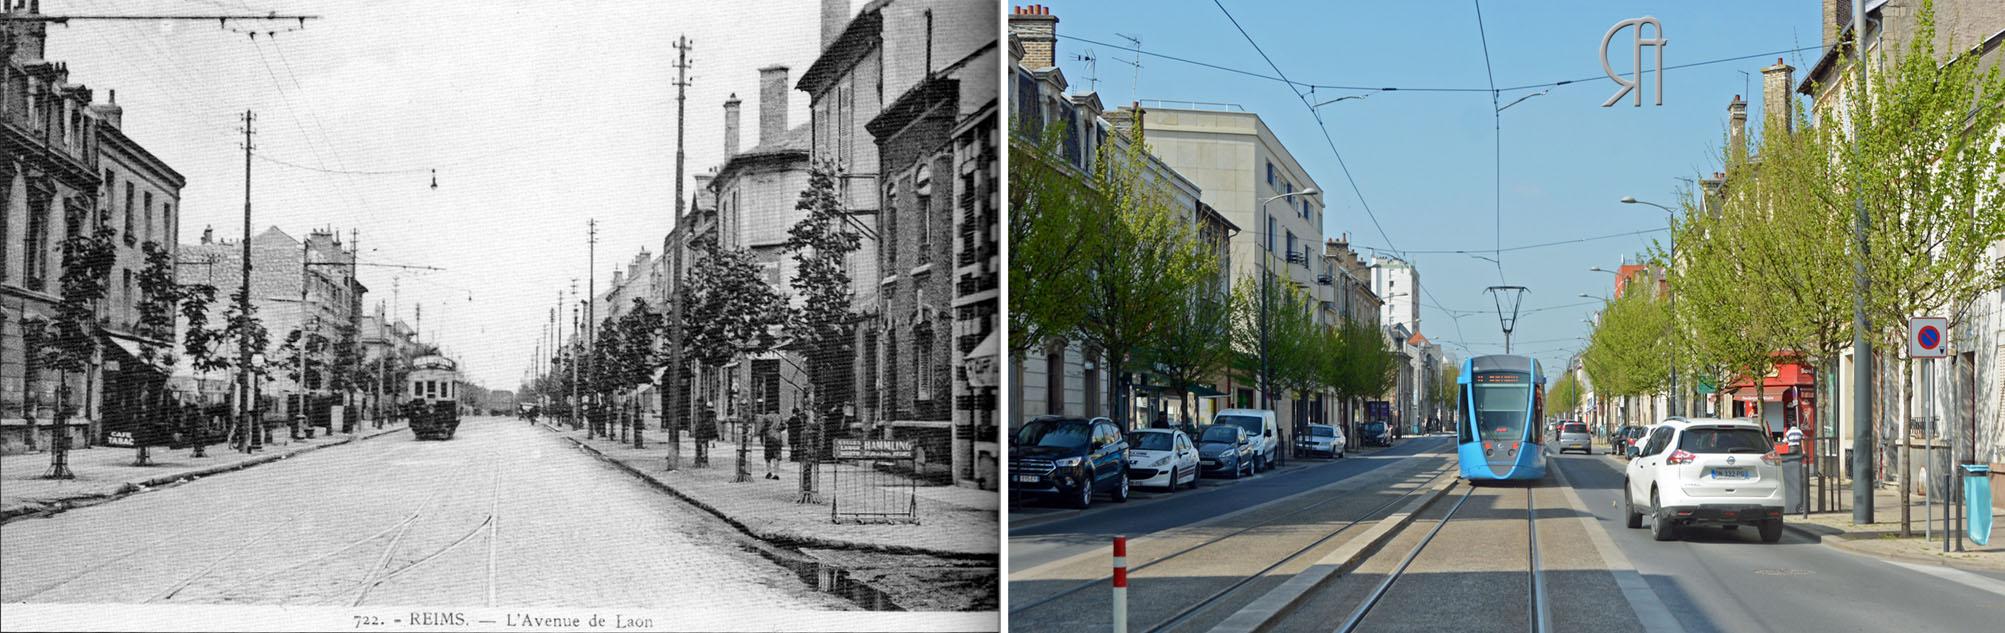 L'Avenue de Laon à l'angle de la rue Boudet